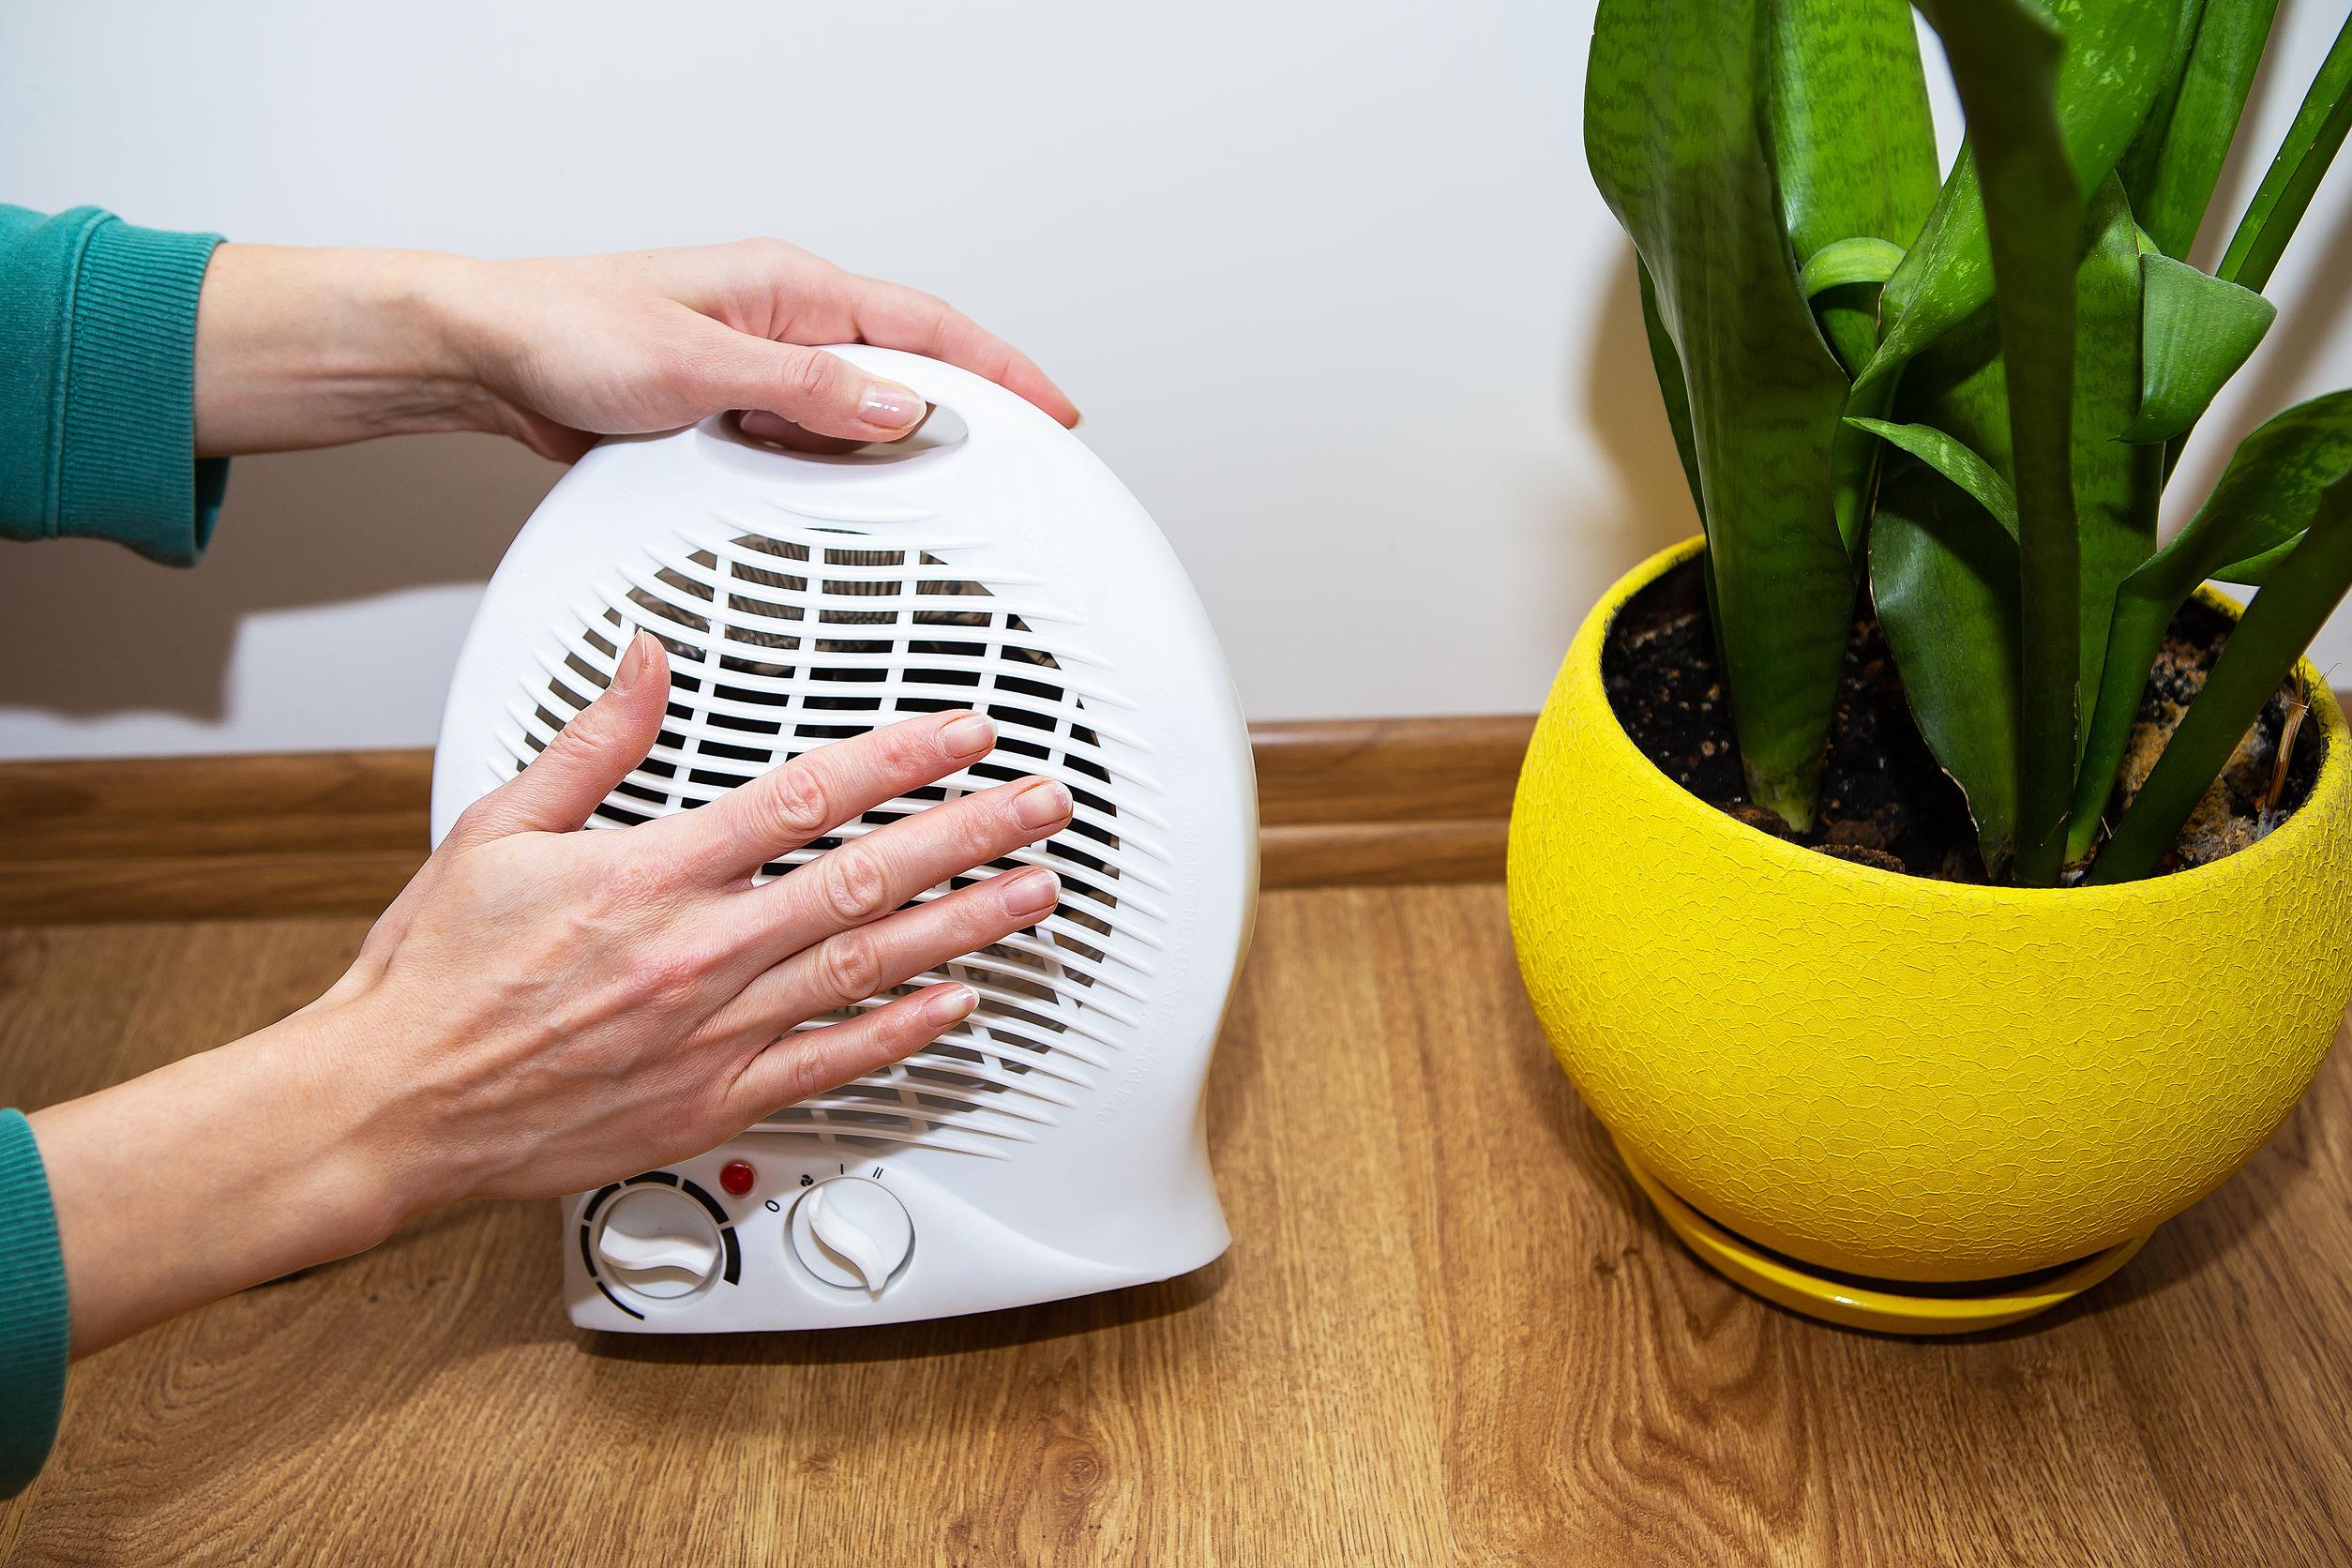 Imagem de uma pessoa ligando um ventilador